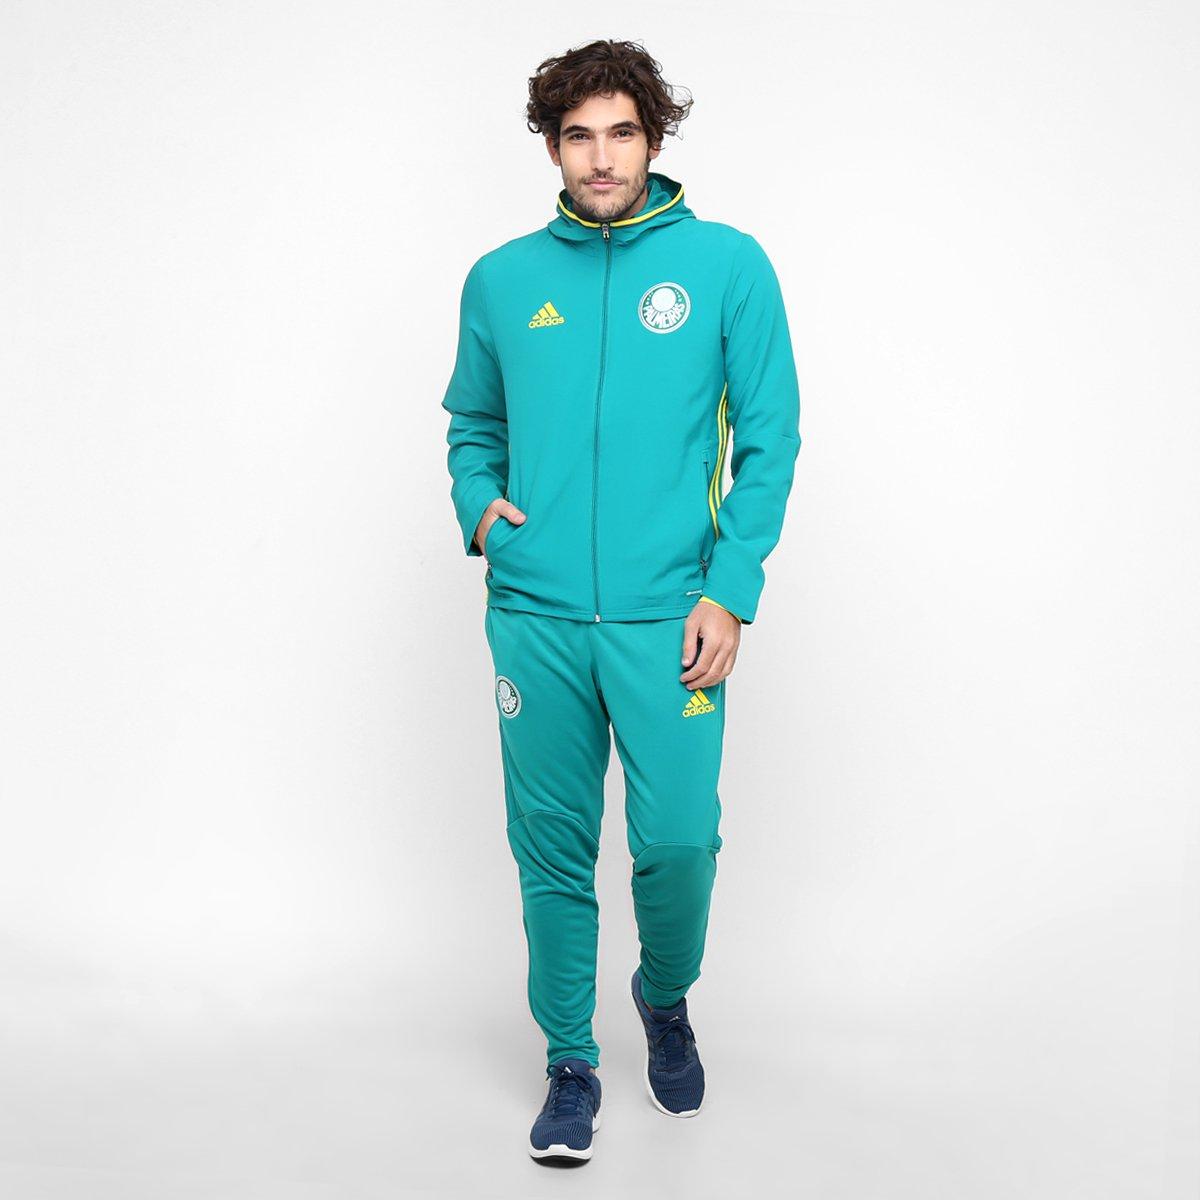 143f8b889d8ac Agasalho Adidas Palmeiras Viagem - Compre Agora